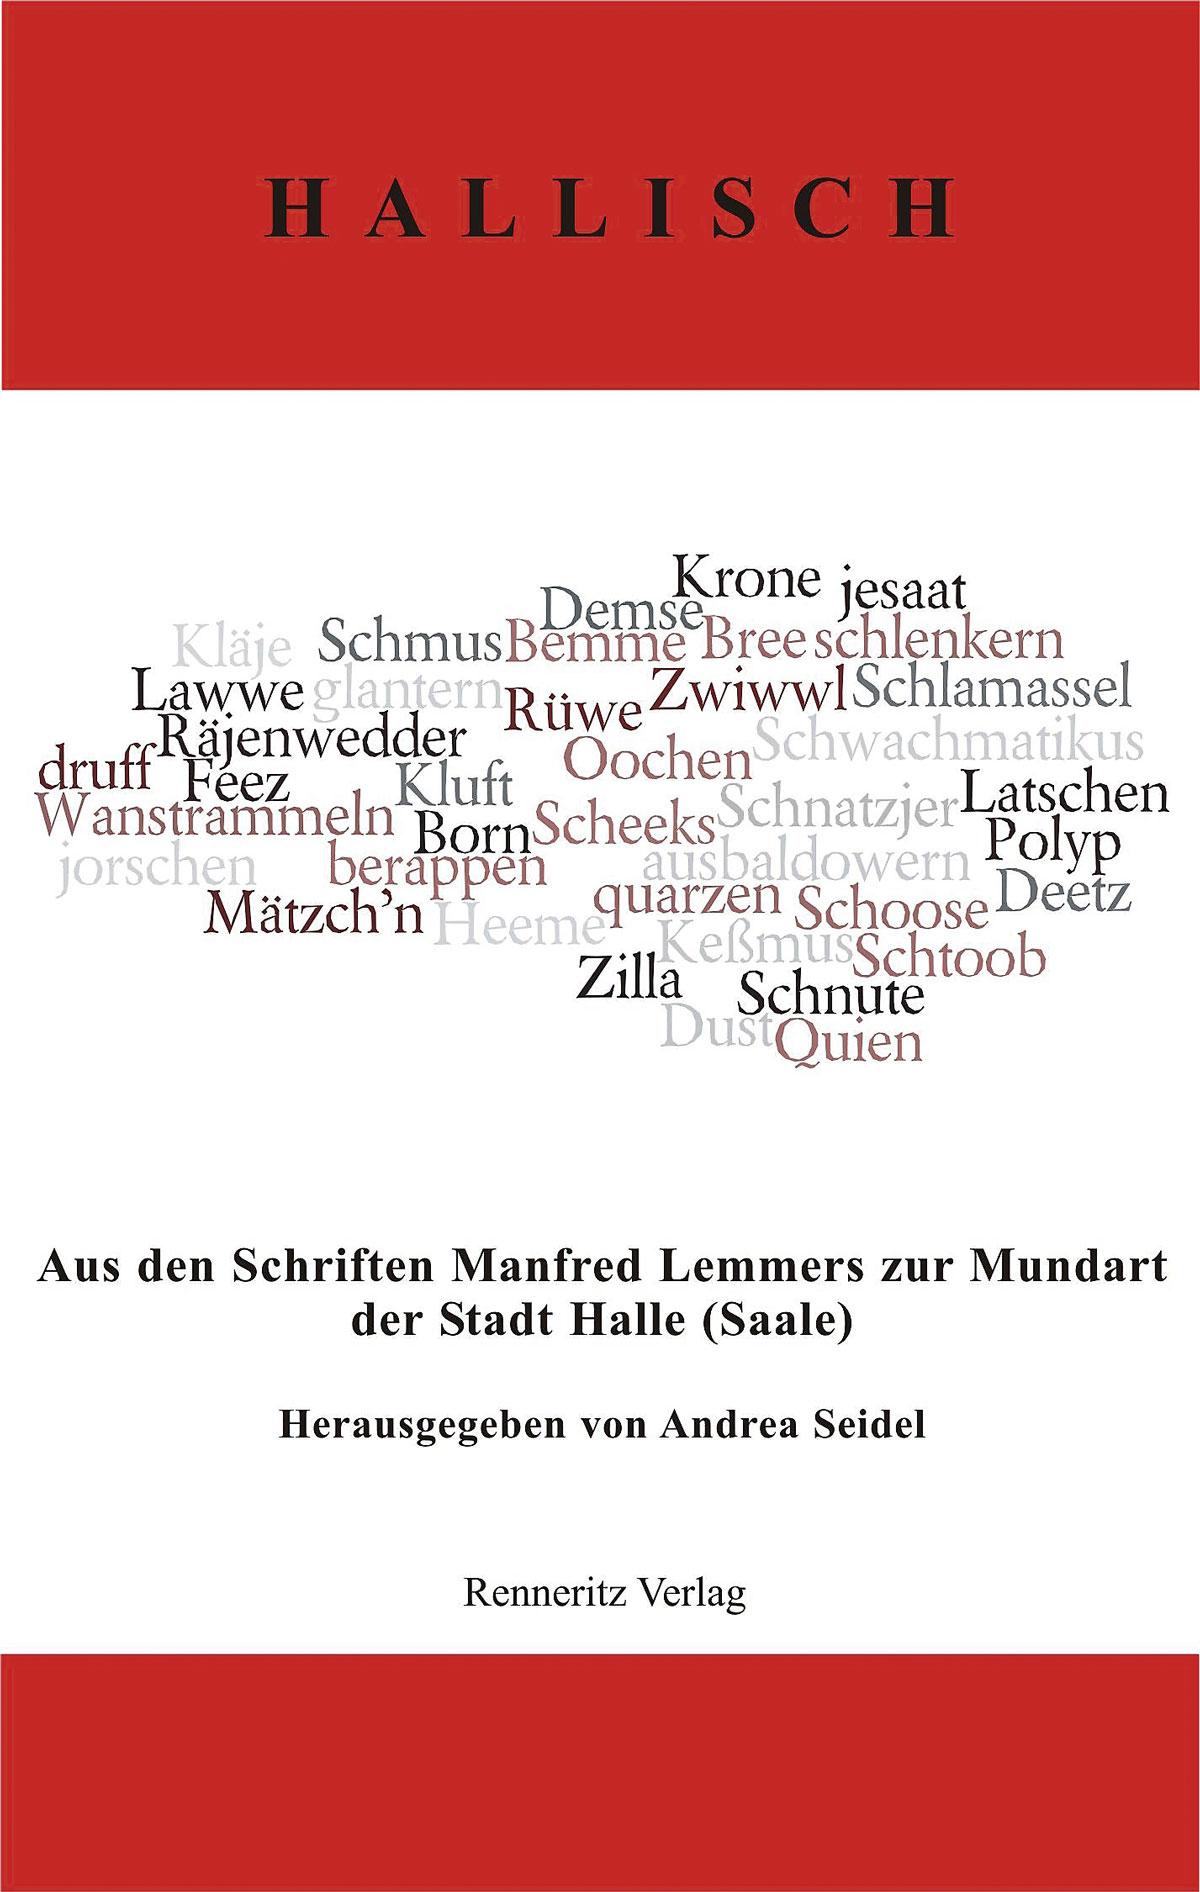 Manfred Lemmer: Hallisch. Aus den Schriften Manfred Lemmers zur Mundart der Stadt Halle (Saale). Hg. von Andrea Seidel. Renneritz Verlag Sandersdorf-Brehna 2018.